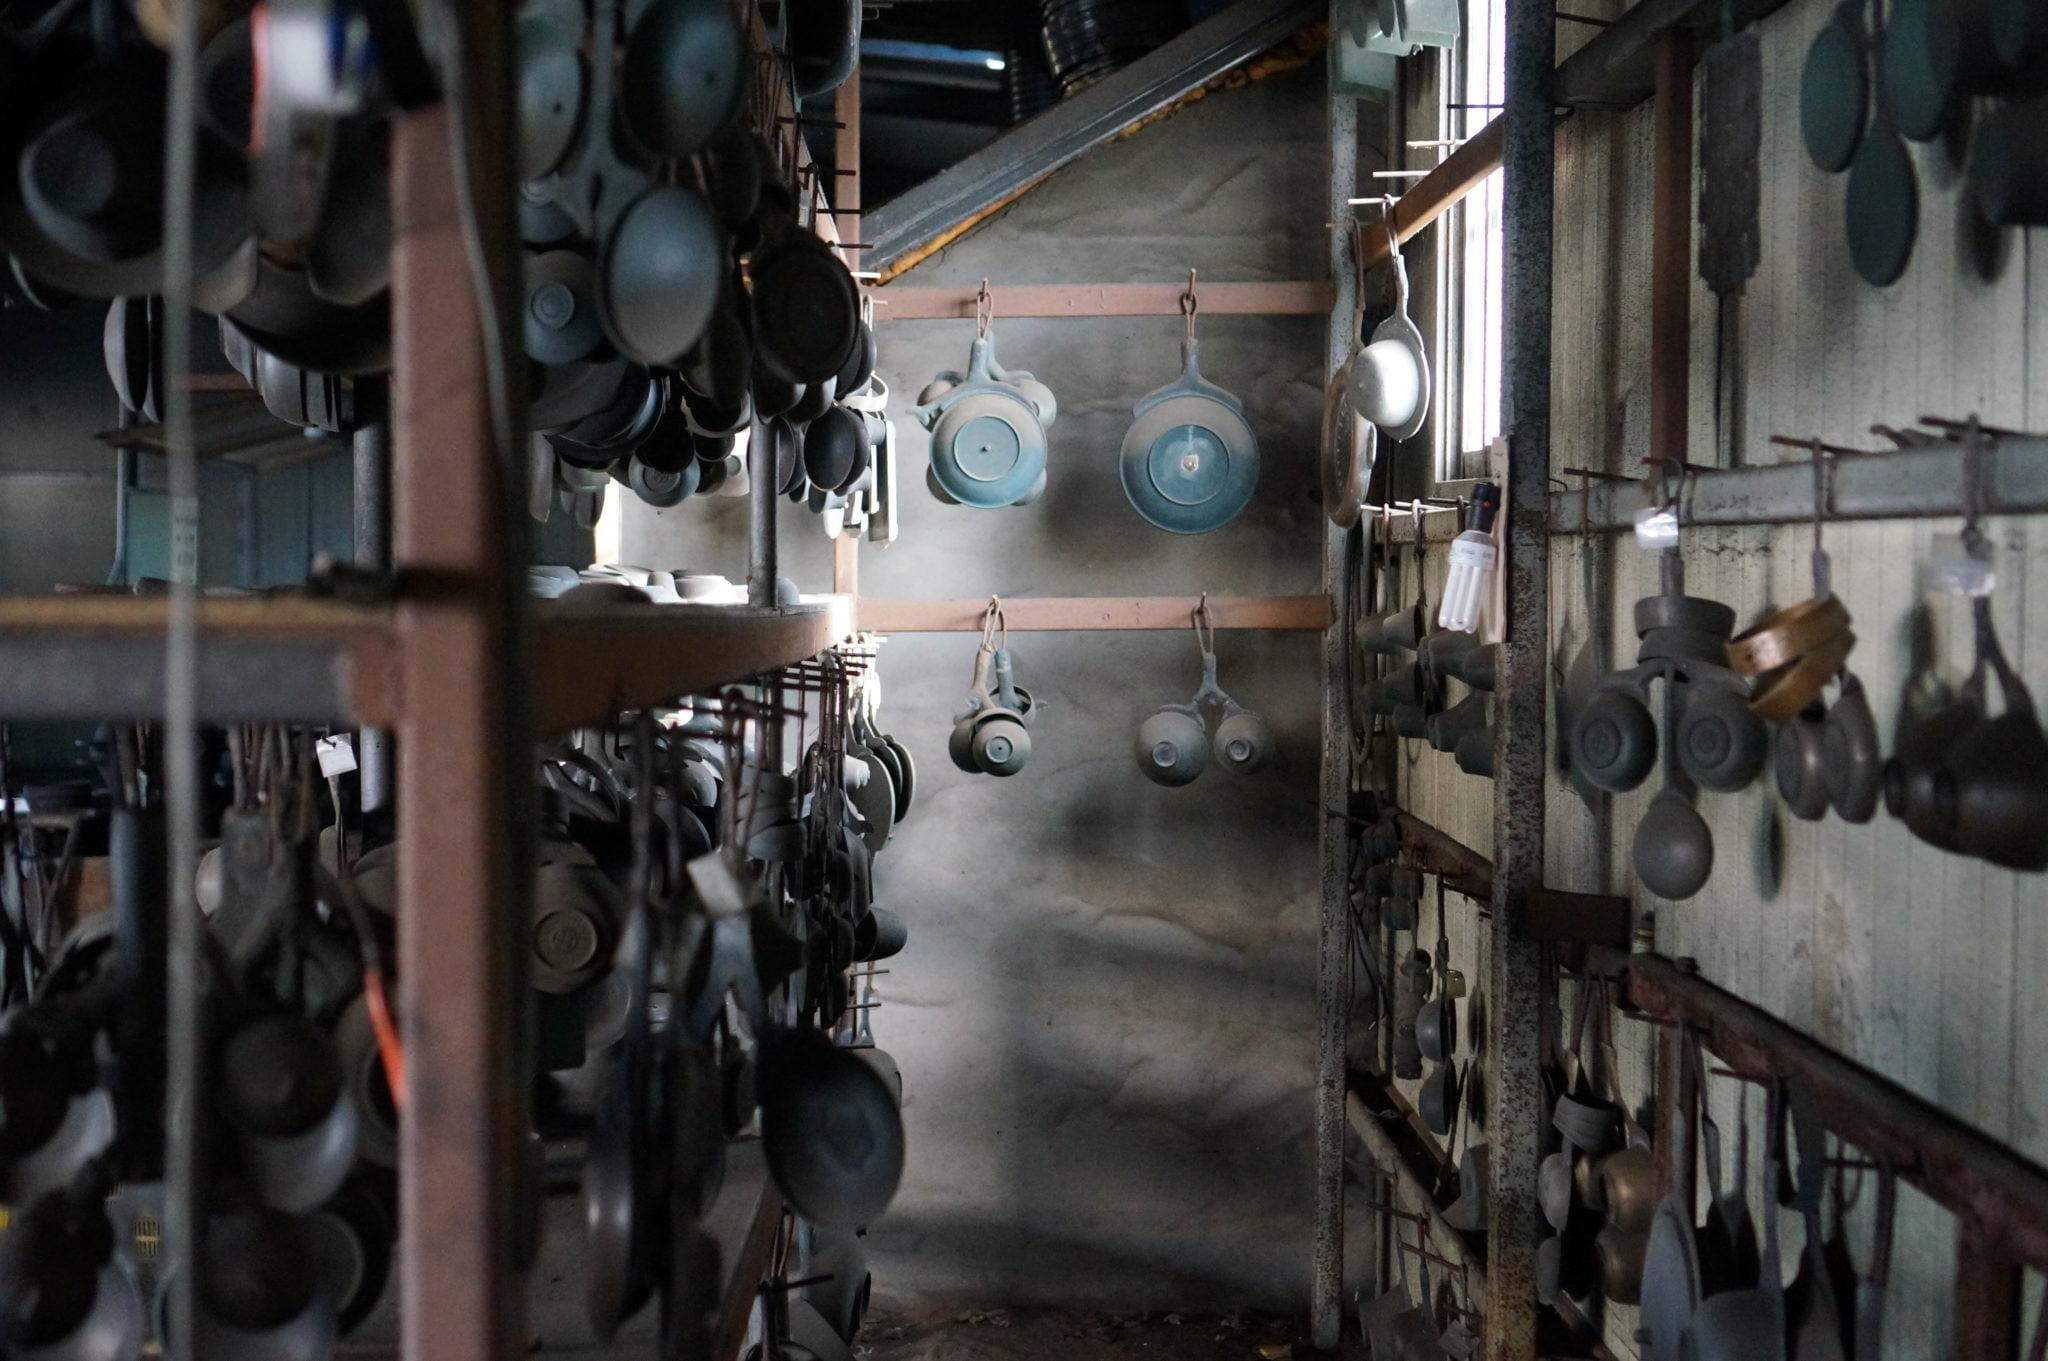 Modèles de Vaisselles Yugi dans l'atelier Geochang Yugi